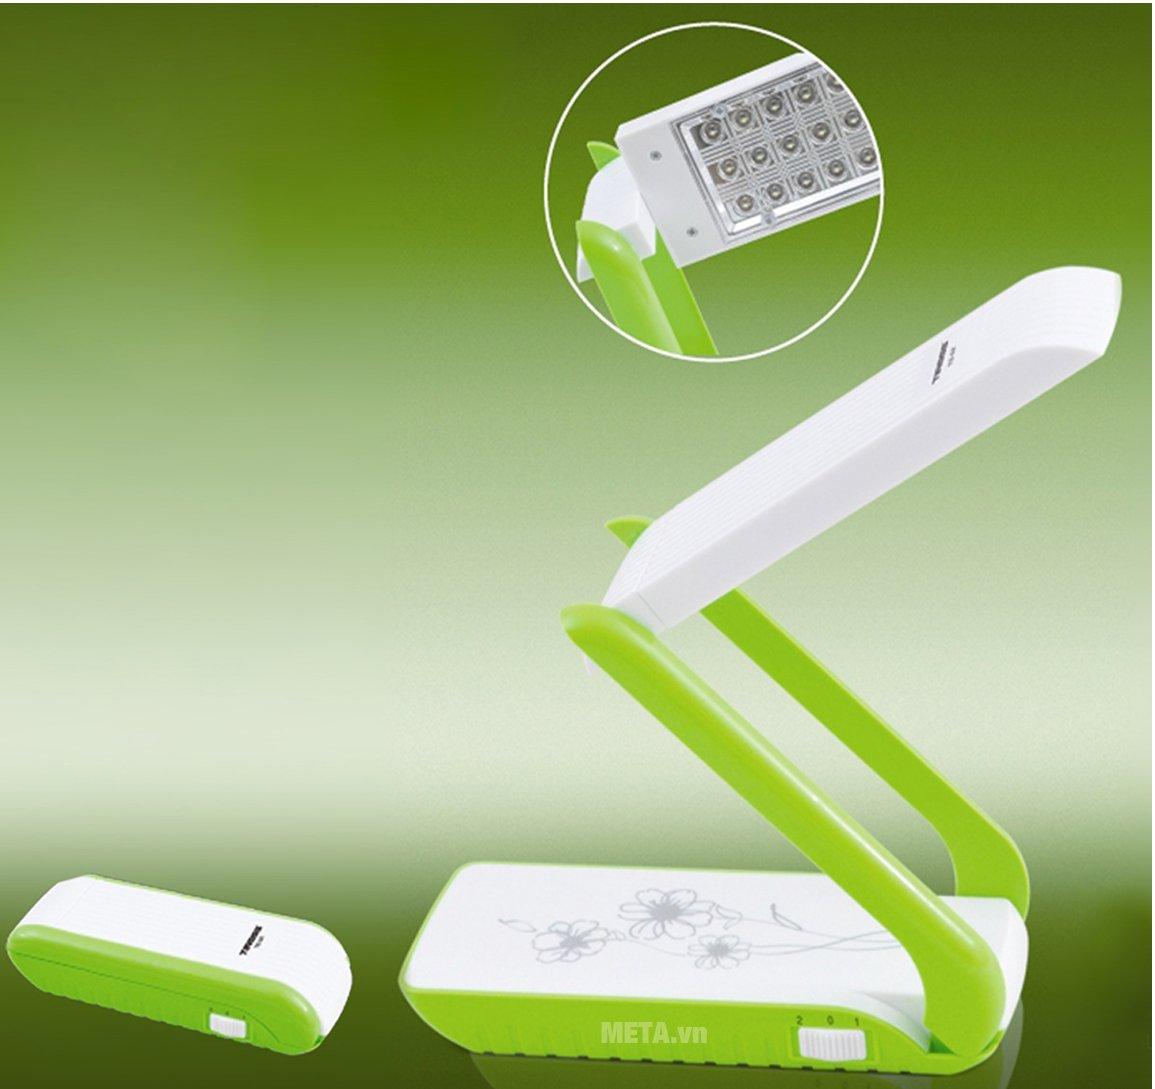 Đèn bàn sạc điện xách tay TS-52 được thiết kế vô cùng tiện lợi